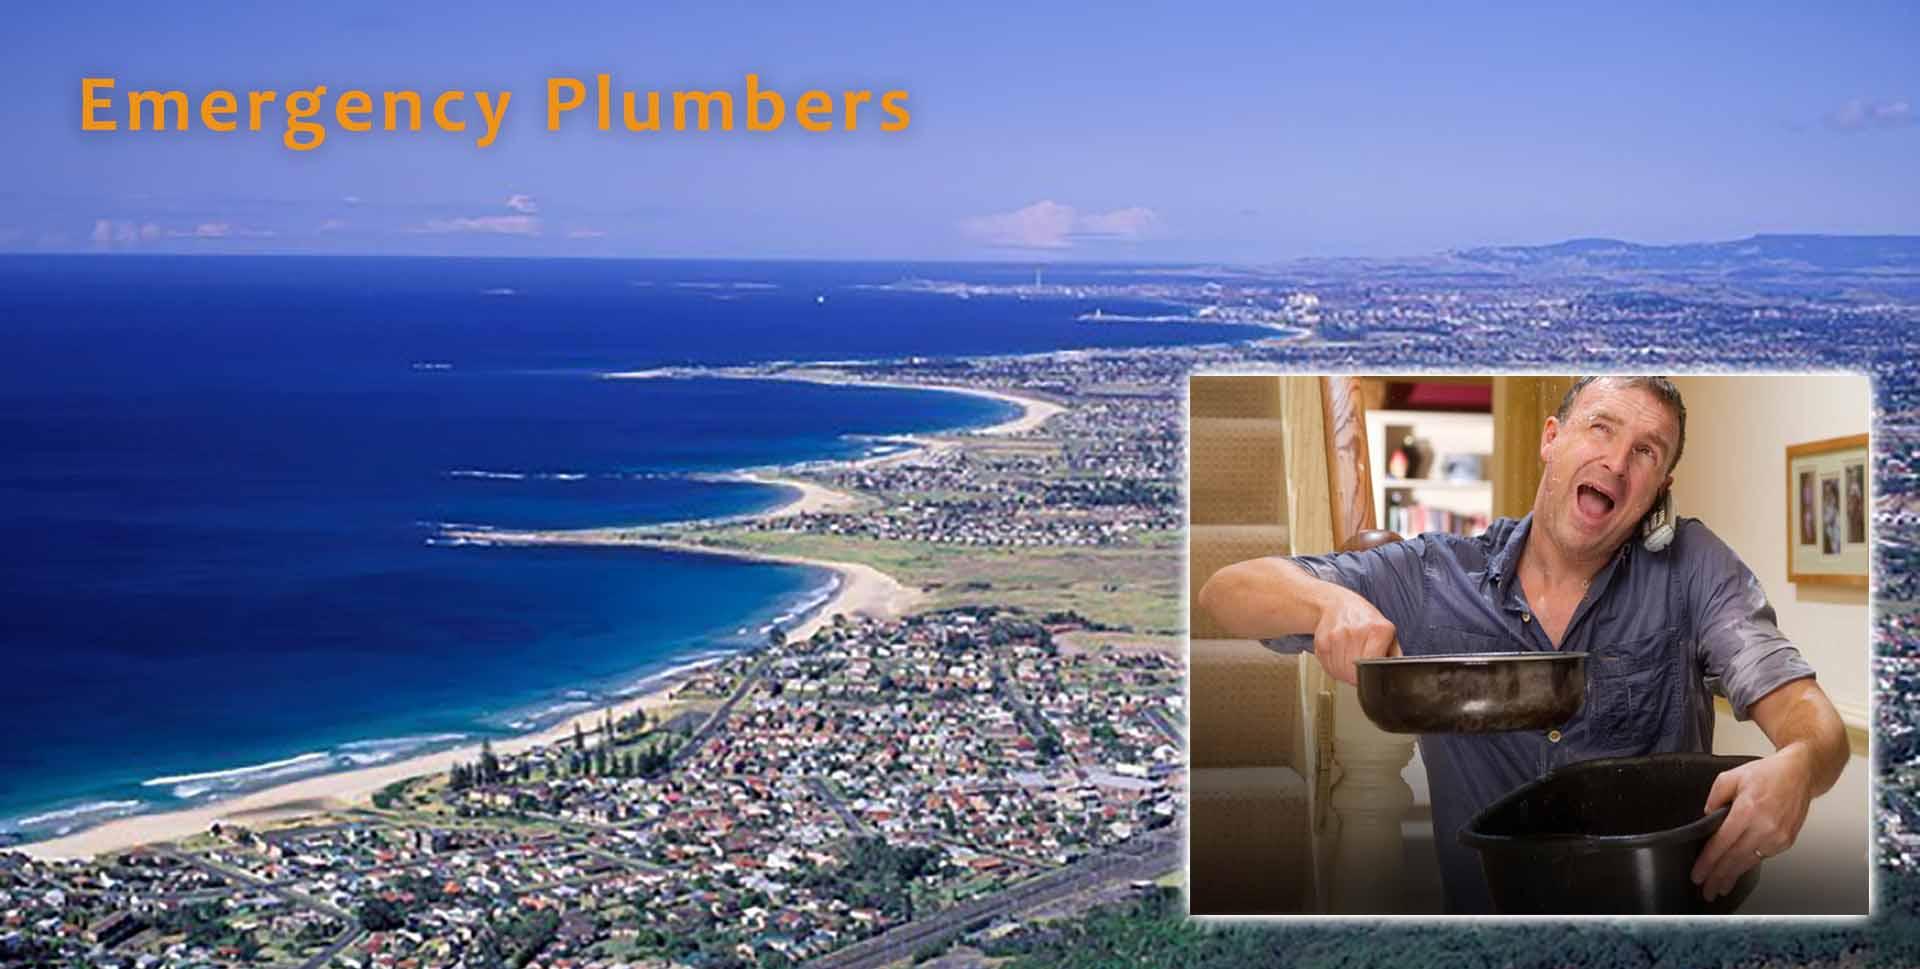 Rw Jones Plumbing Emergency Pumbers in Wollongong